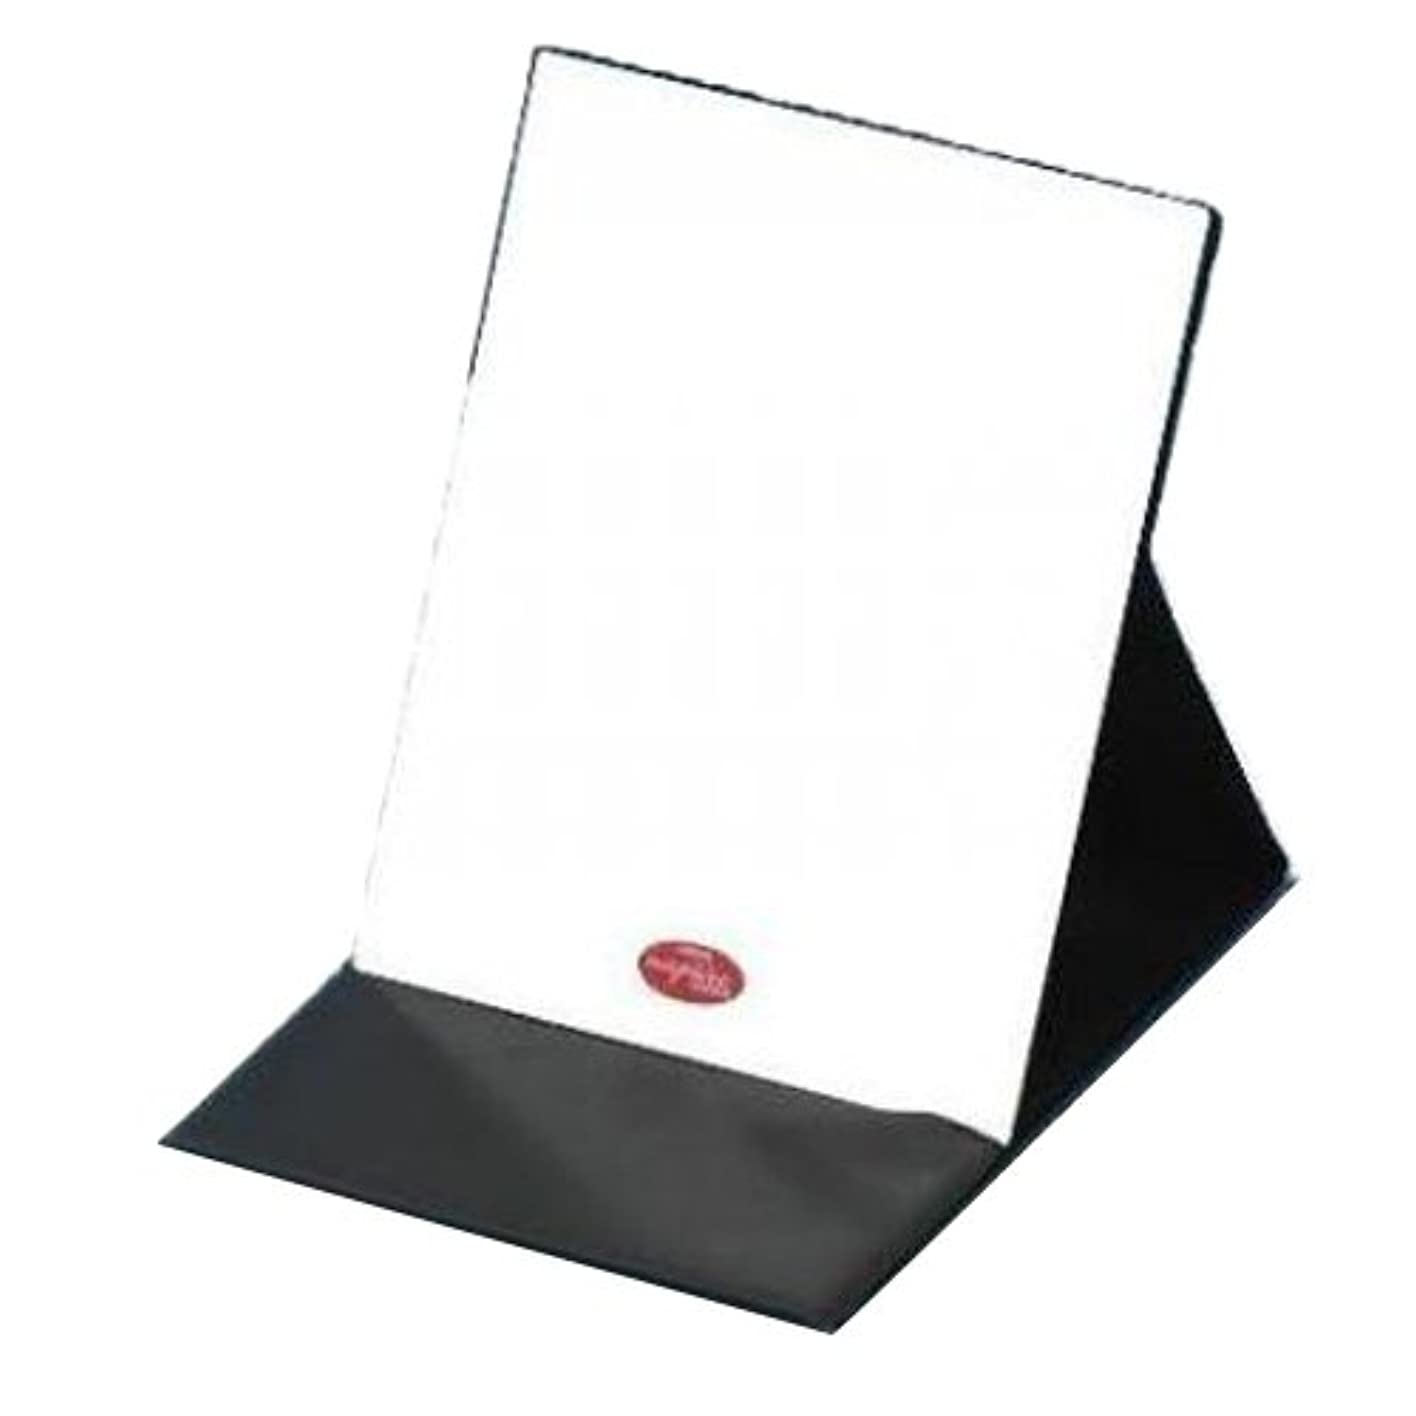 パイ完璧なタイプHP-43 ナピュア プロモデル拡大鏡付き折立ミラー(L)